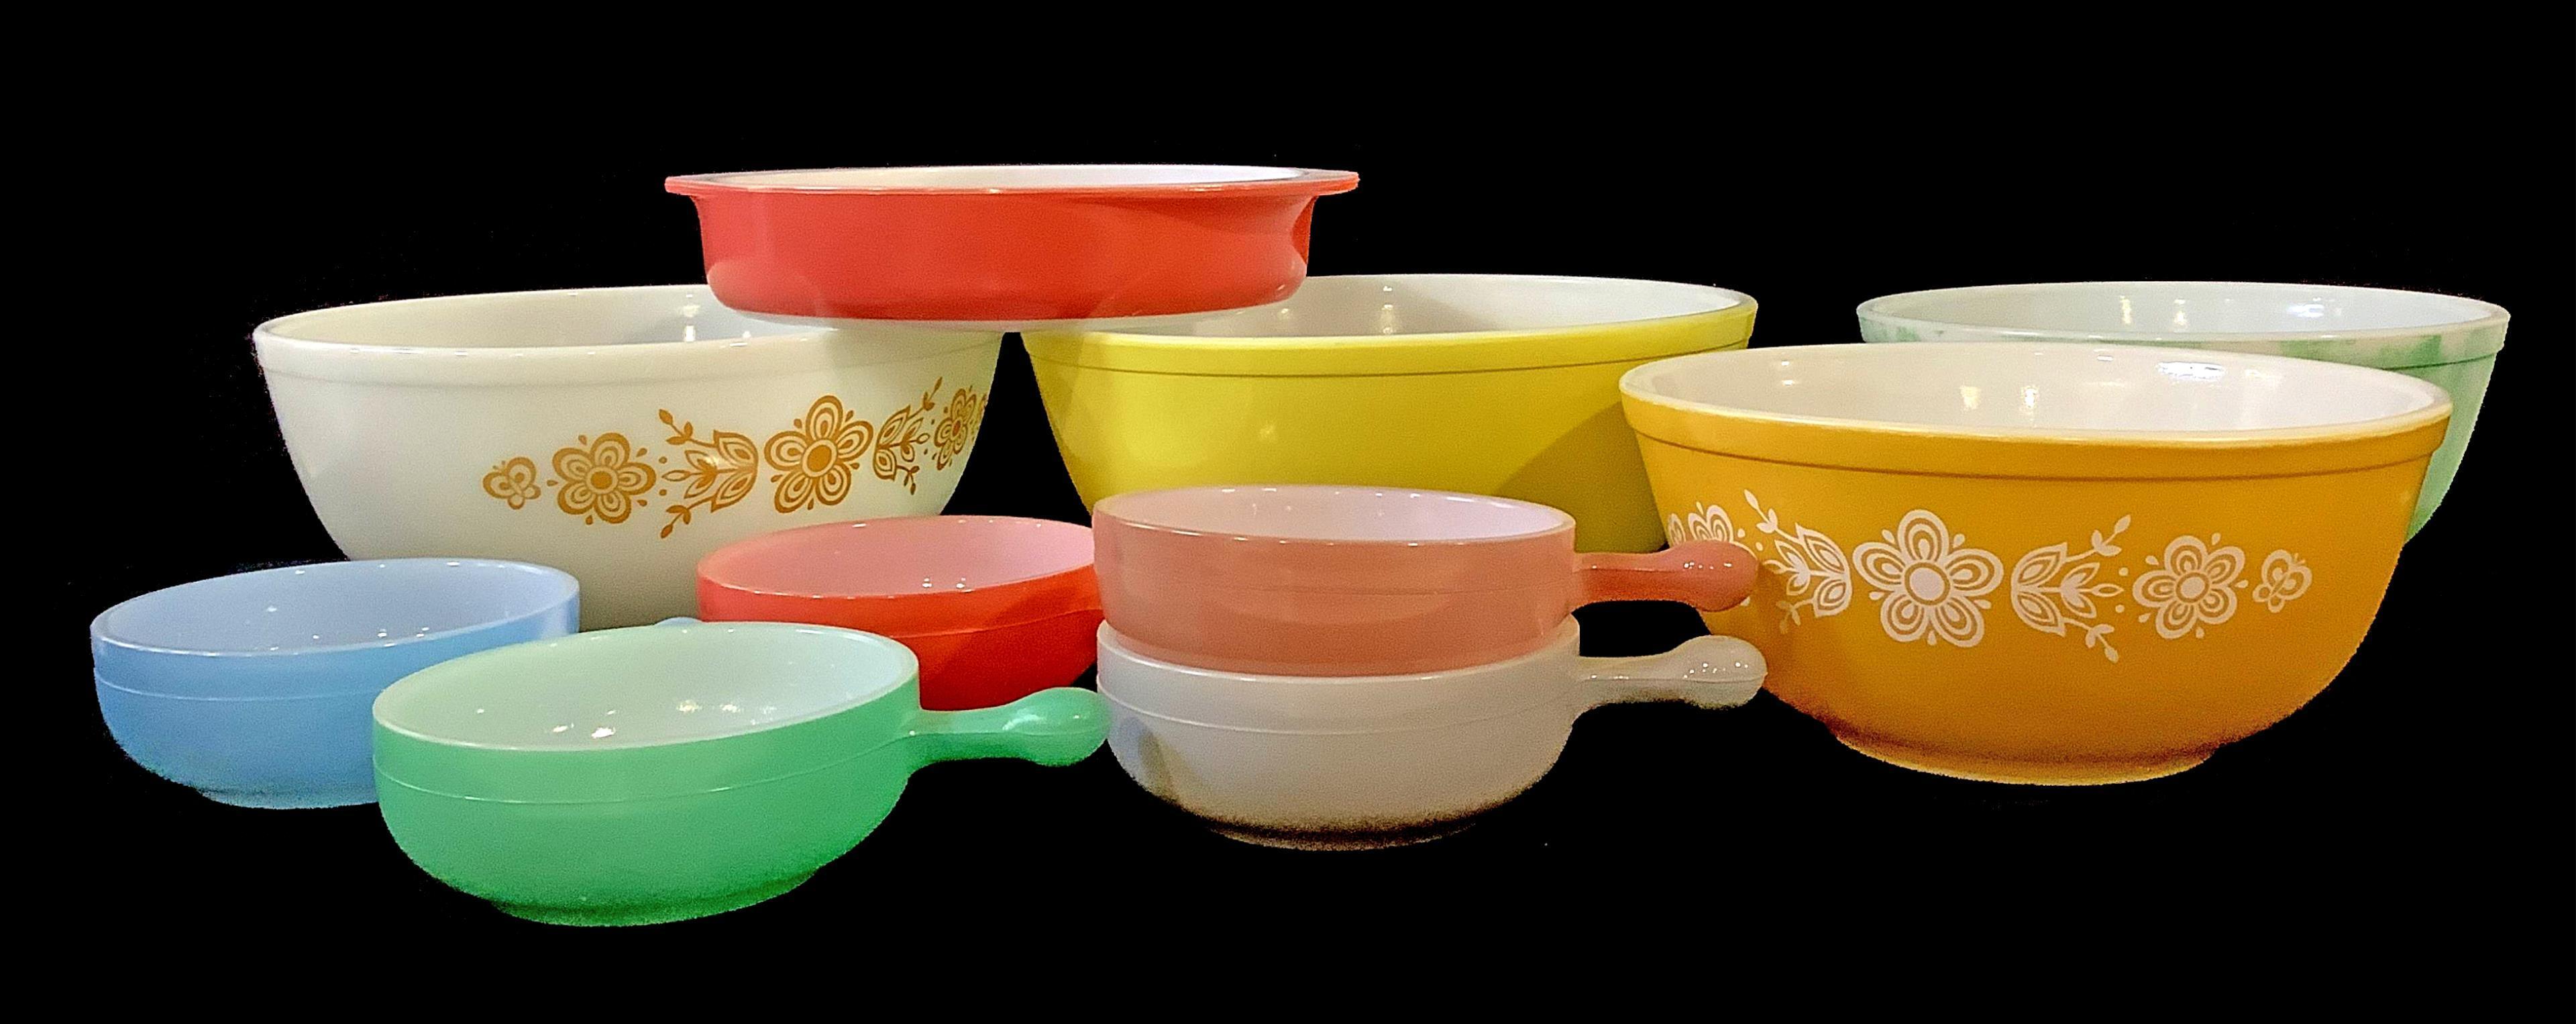 (10pc) Pyrex & Glassbake Bakeware, Soup Bowls